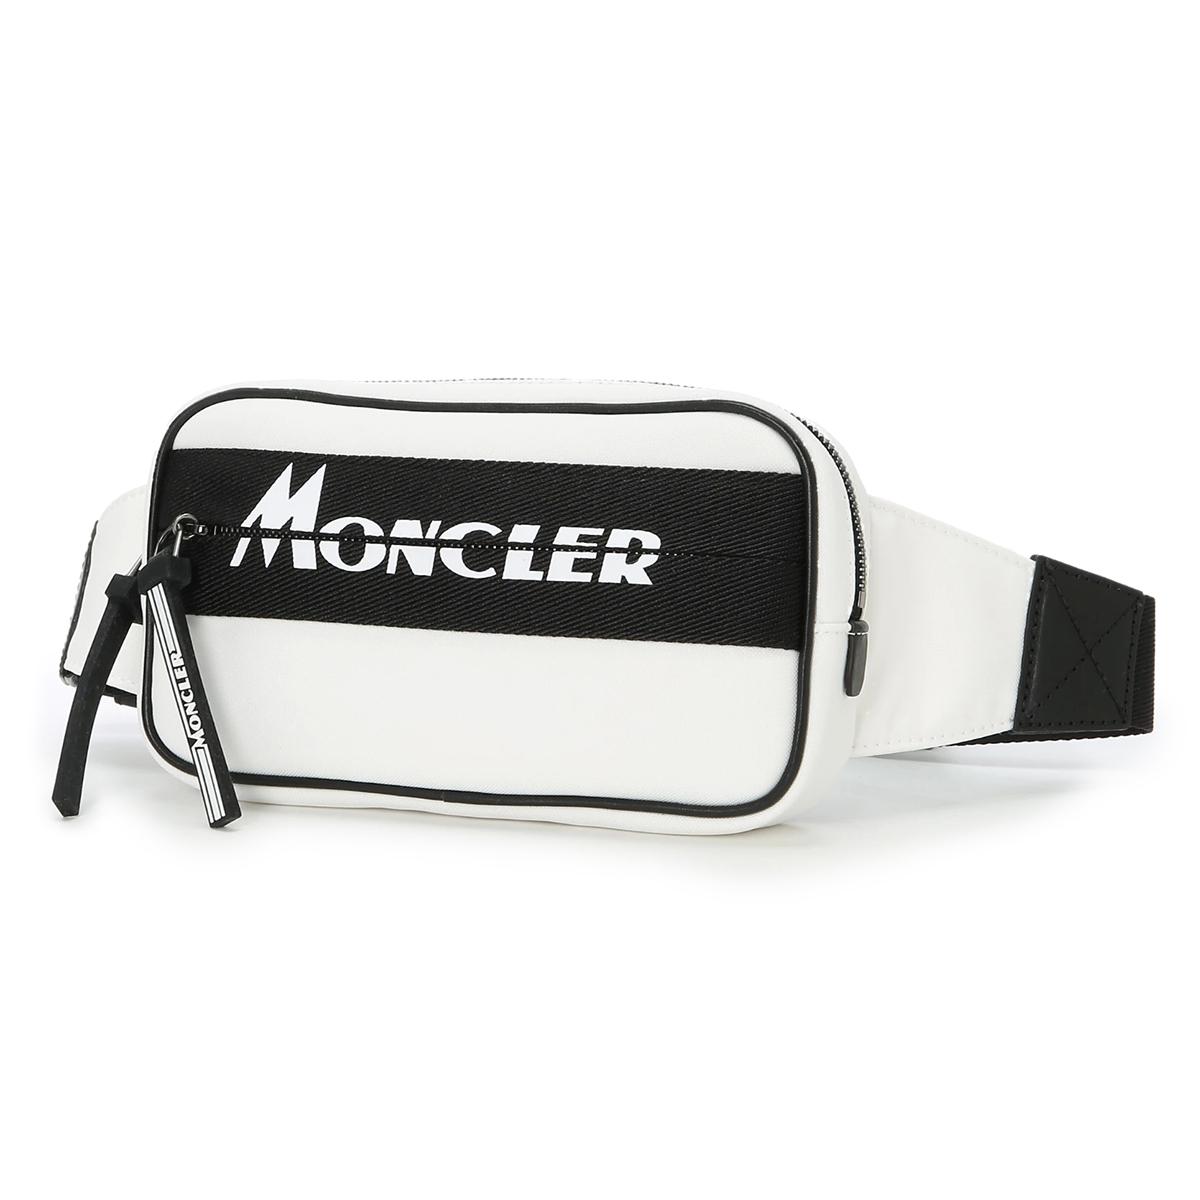 モンクレール MONCLER クロスボディバッグ ホワイト メンズ aude 5m70110 02say 034 AUDE BELT BAG【あす楽対応_関東】【返品送料無料】【ラッピング無料】